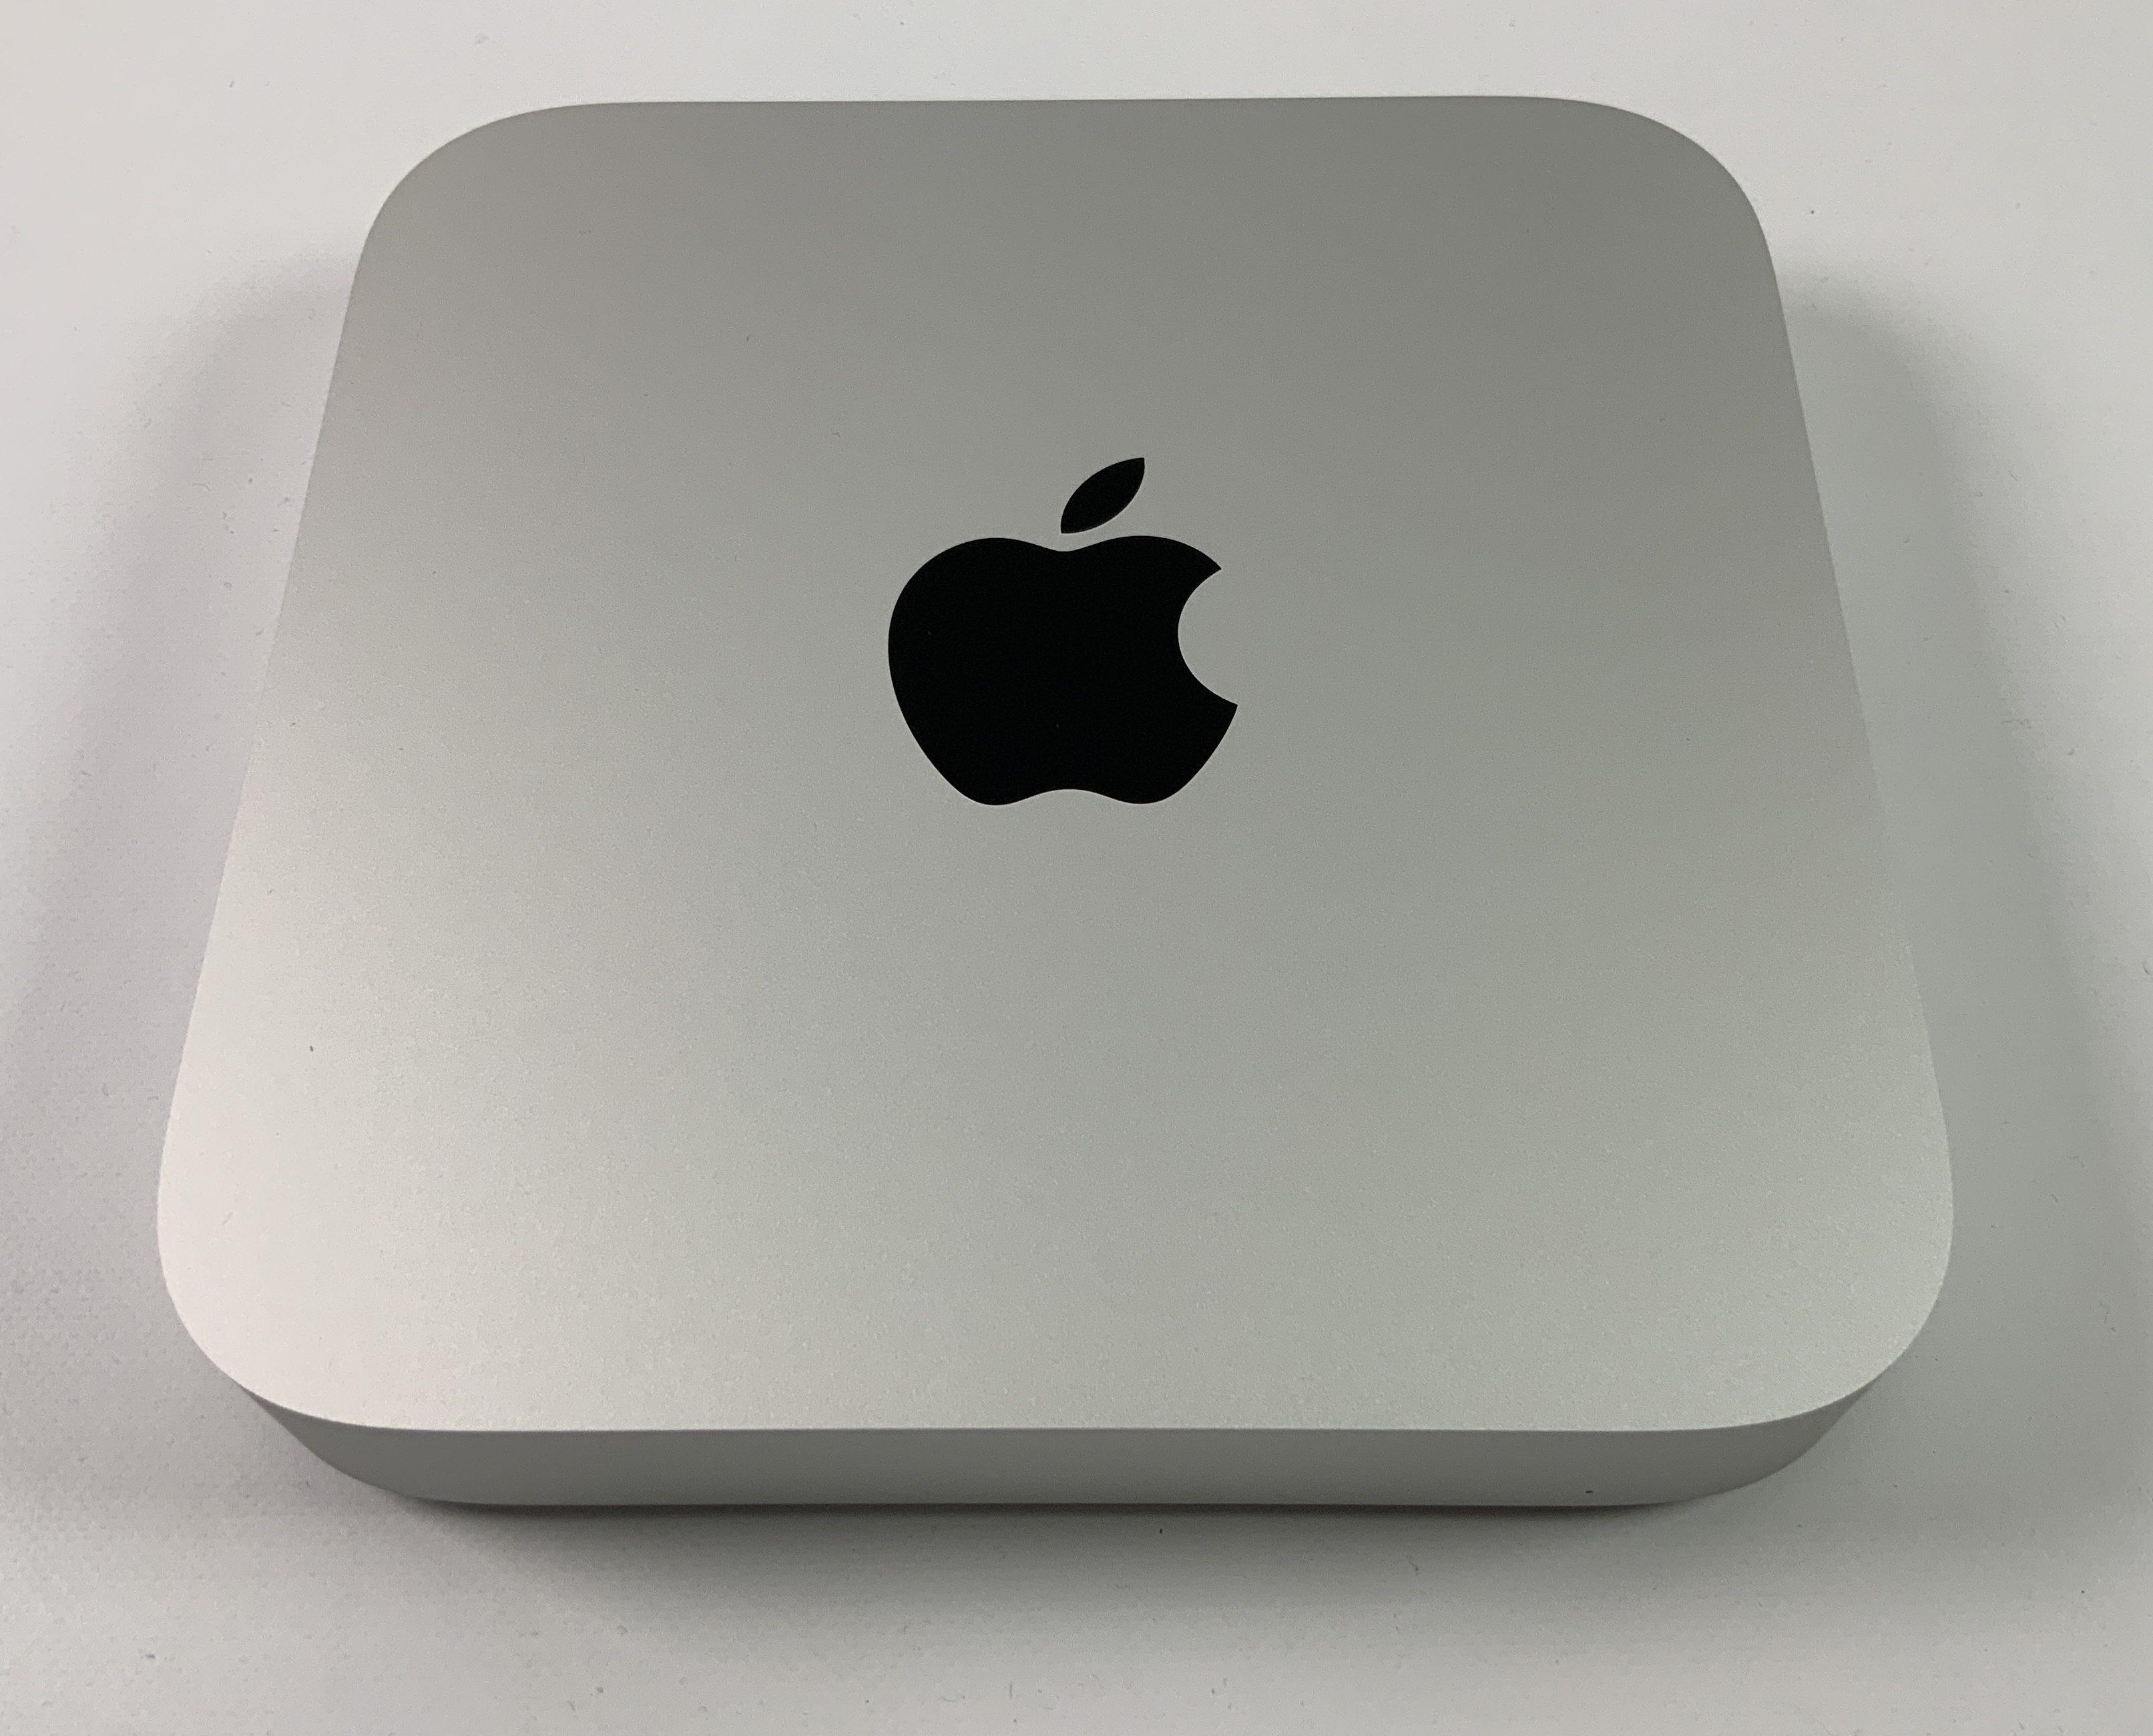 Mac Mini M1 2020 (Apple M1 3.2 GHz 8 GB RAM 512 GB SSD), Apple M1 3.2 GHz, 8 GB RAM, 512 GB SSD, bild 1